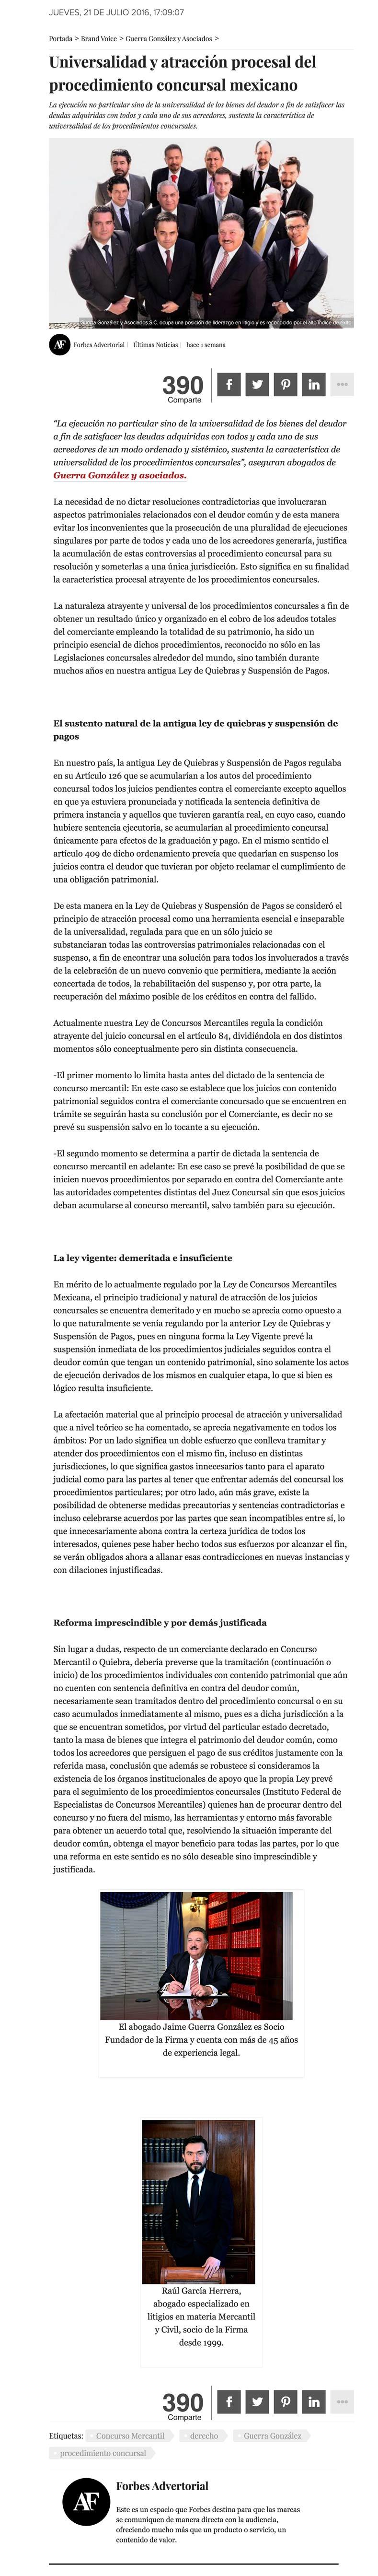 forbes-com-mx-universalidad-atraccion-procesal-del-procedimiento-concursal-mexicano-